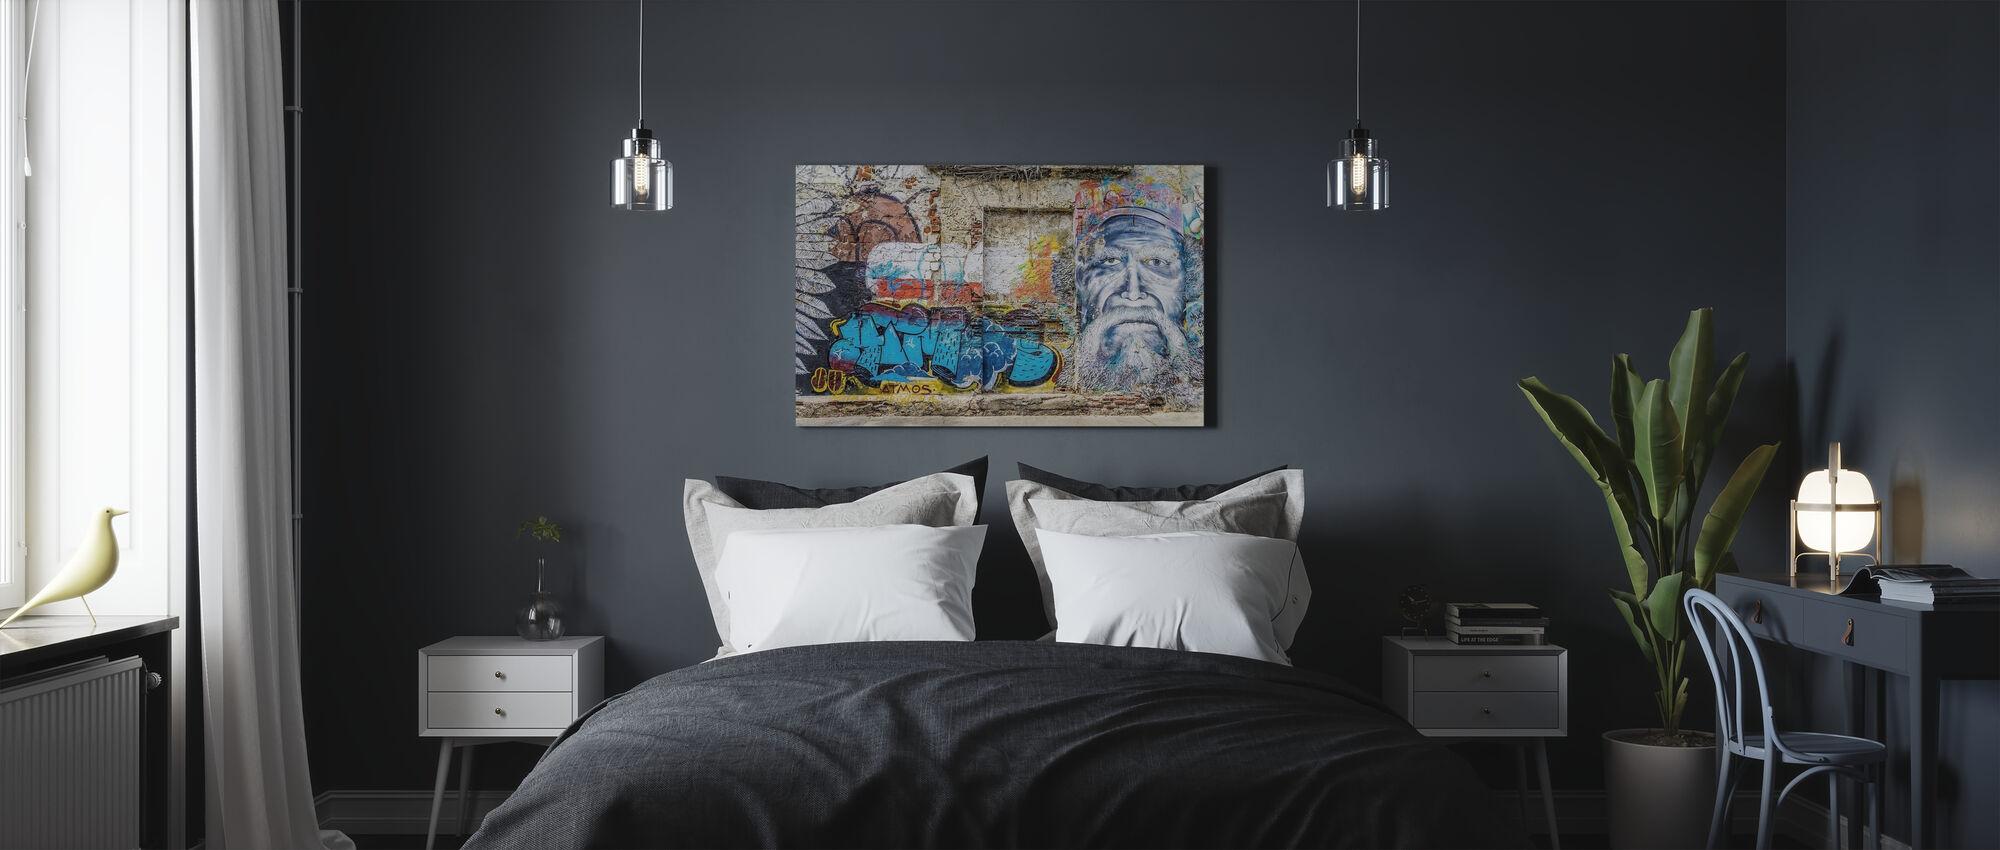 Seinä graffiti - Canvastaulu - Makuuhuone